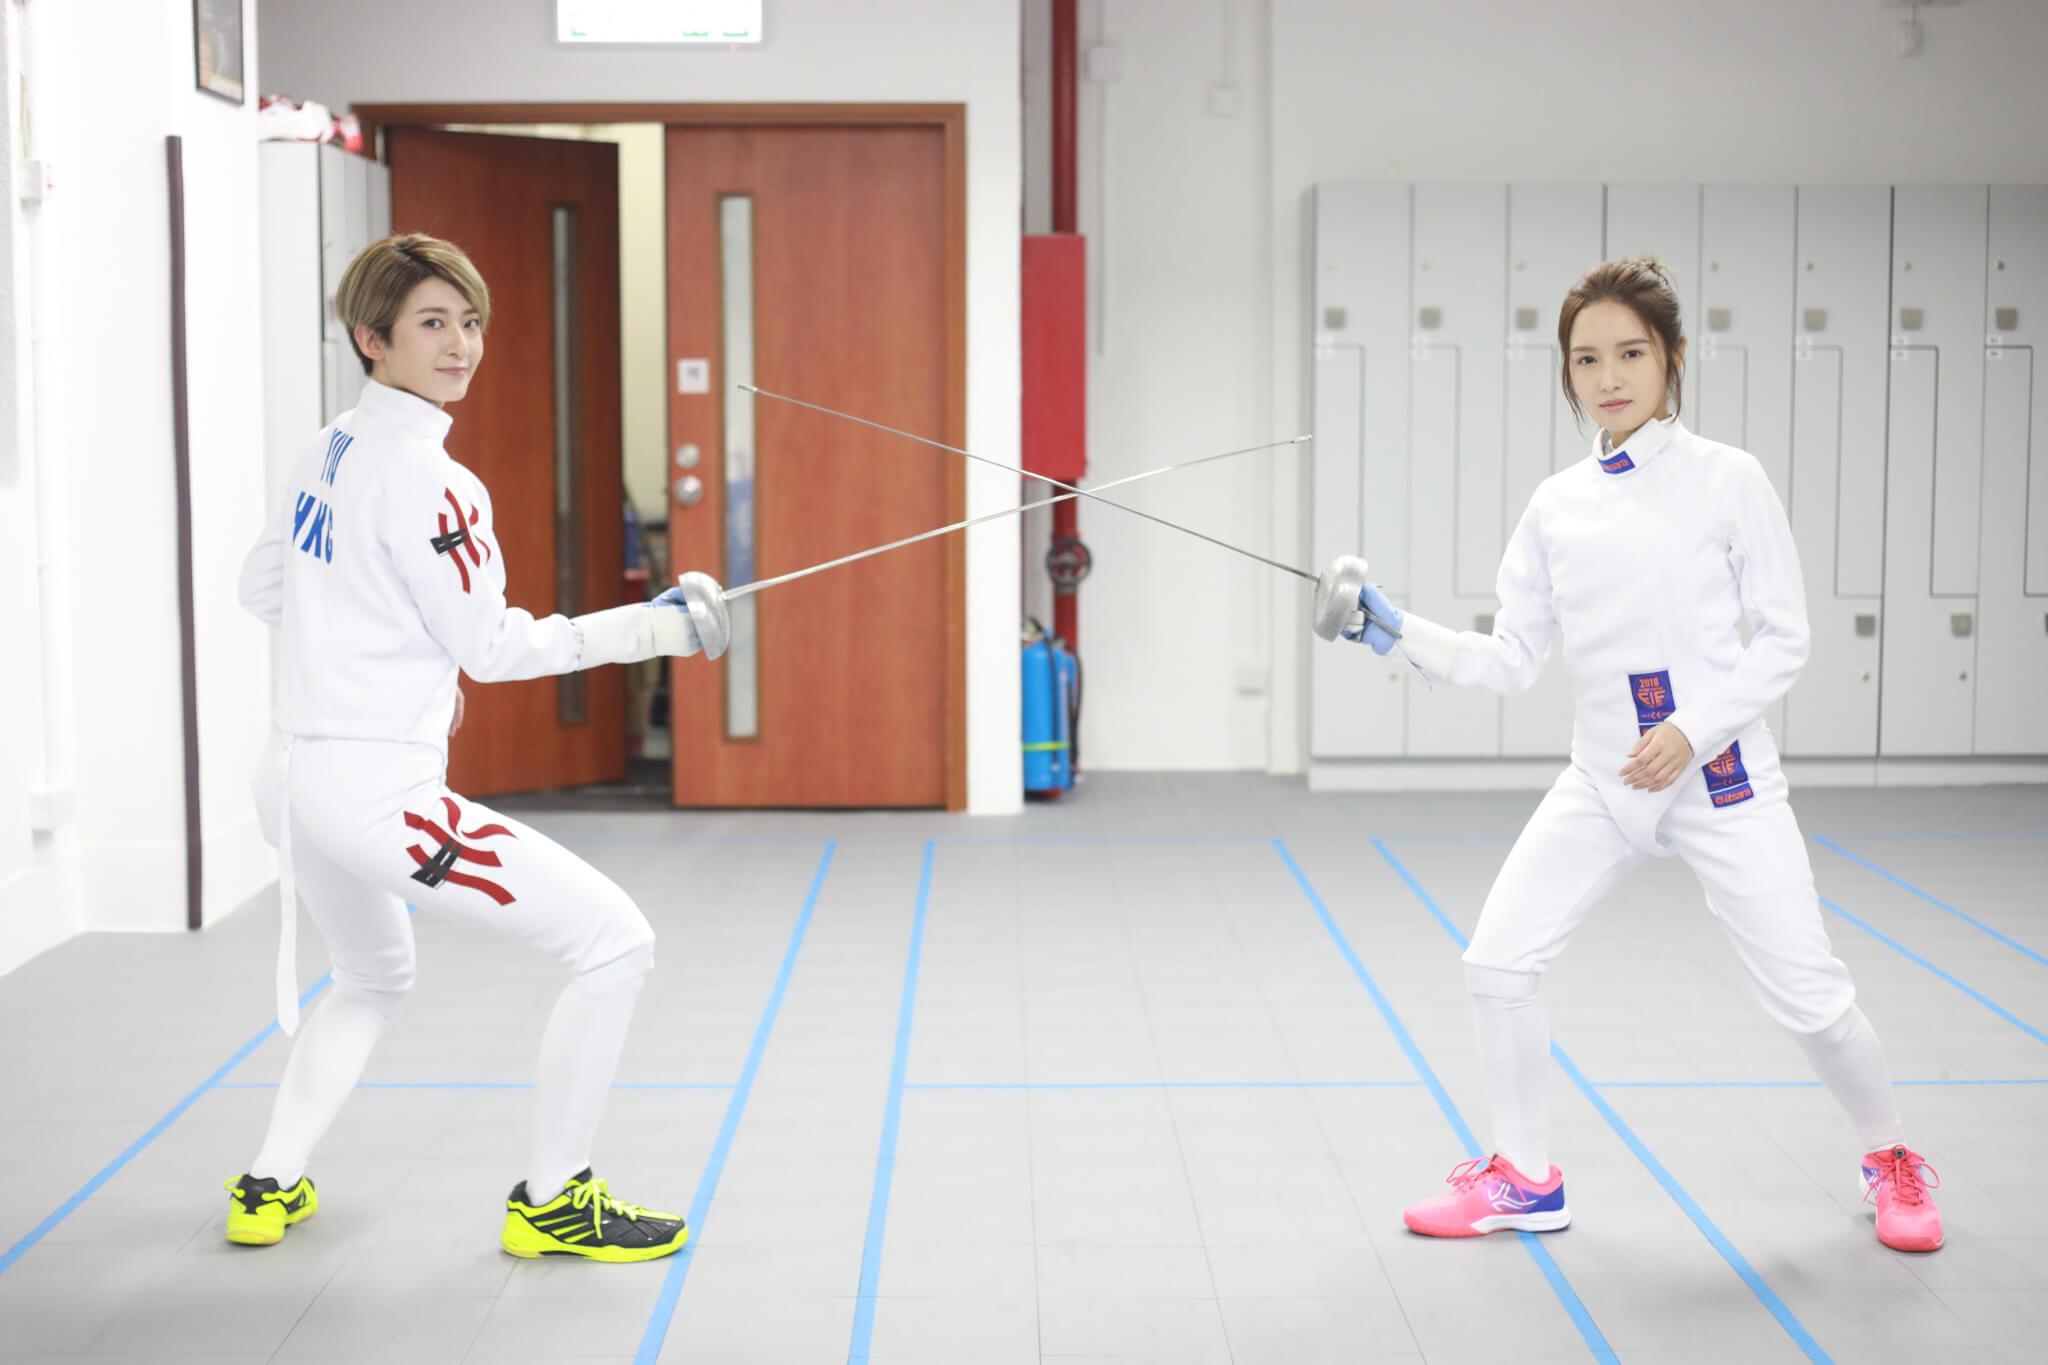 鄺潔楹與李君妍同樣表示今次角色十分有挑戰性,劇中更安排兩人對戰。